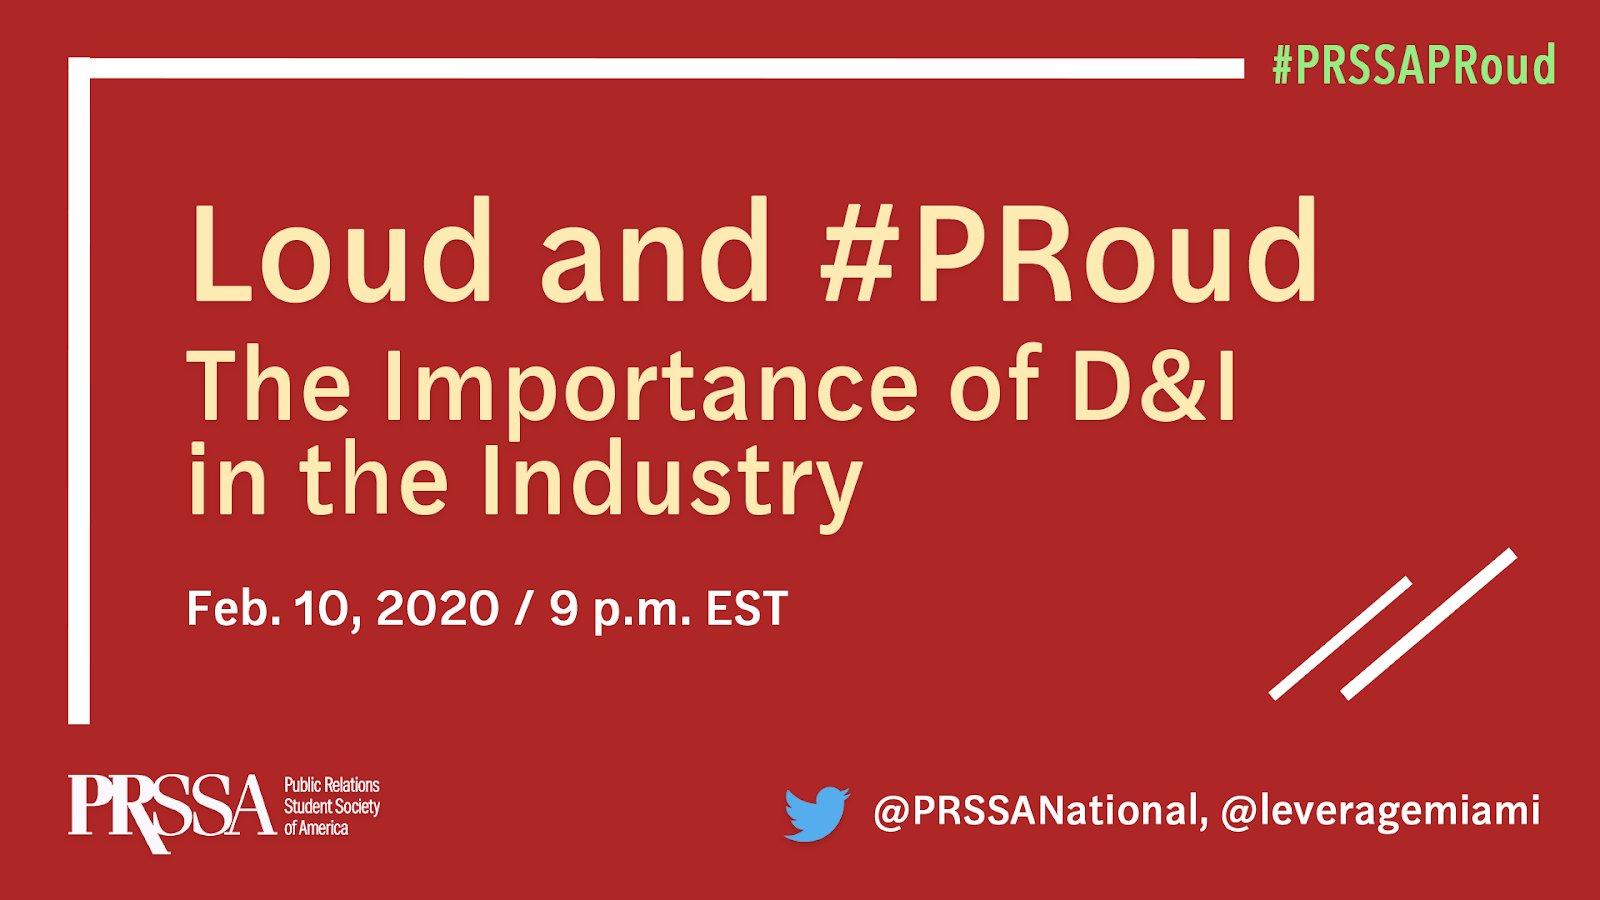 PRSSA PRoud Month — Twitter Chat Recap